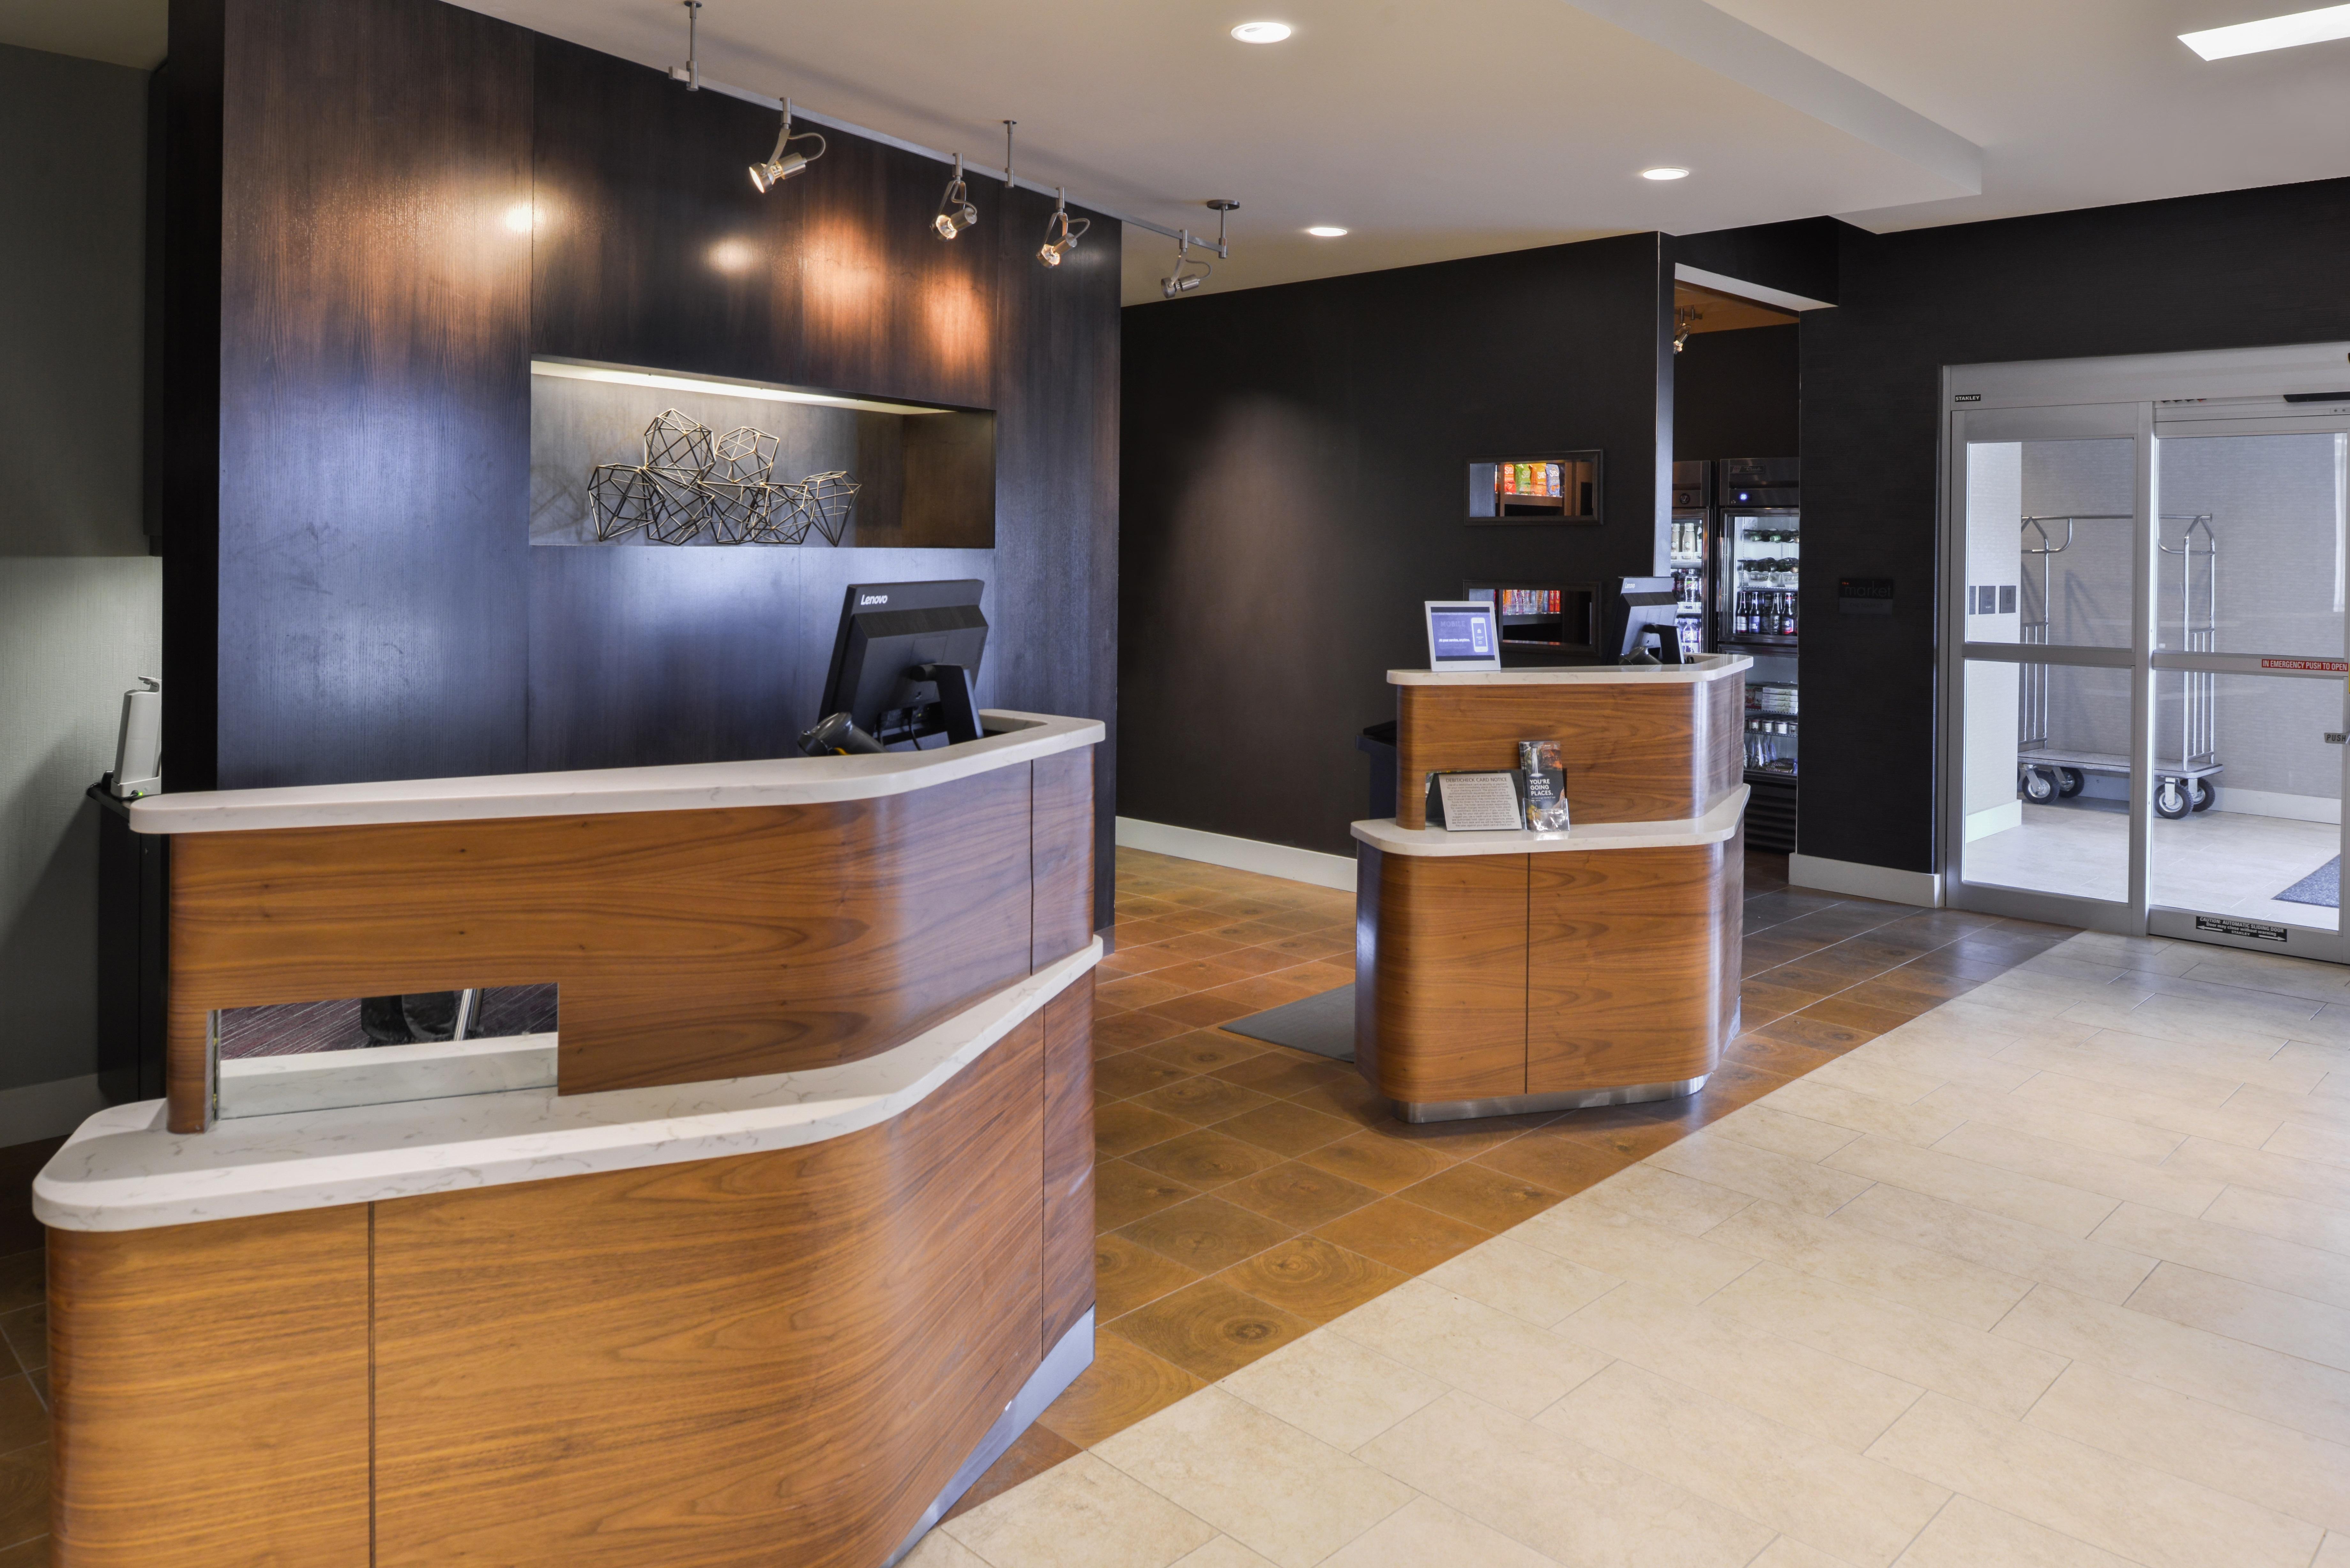 https://www.hotelsbyday.com/_data/default-hotel_image/3/15616/cy-cmhcg-lobby1.jpg